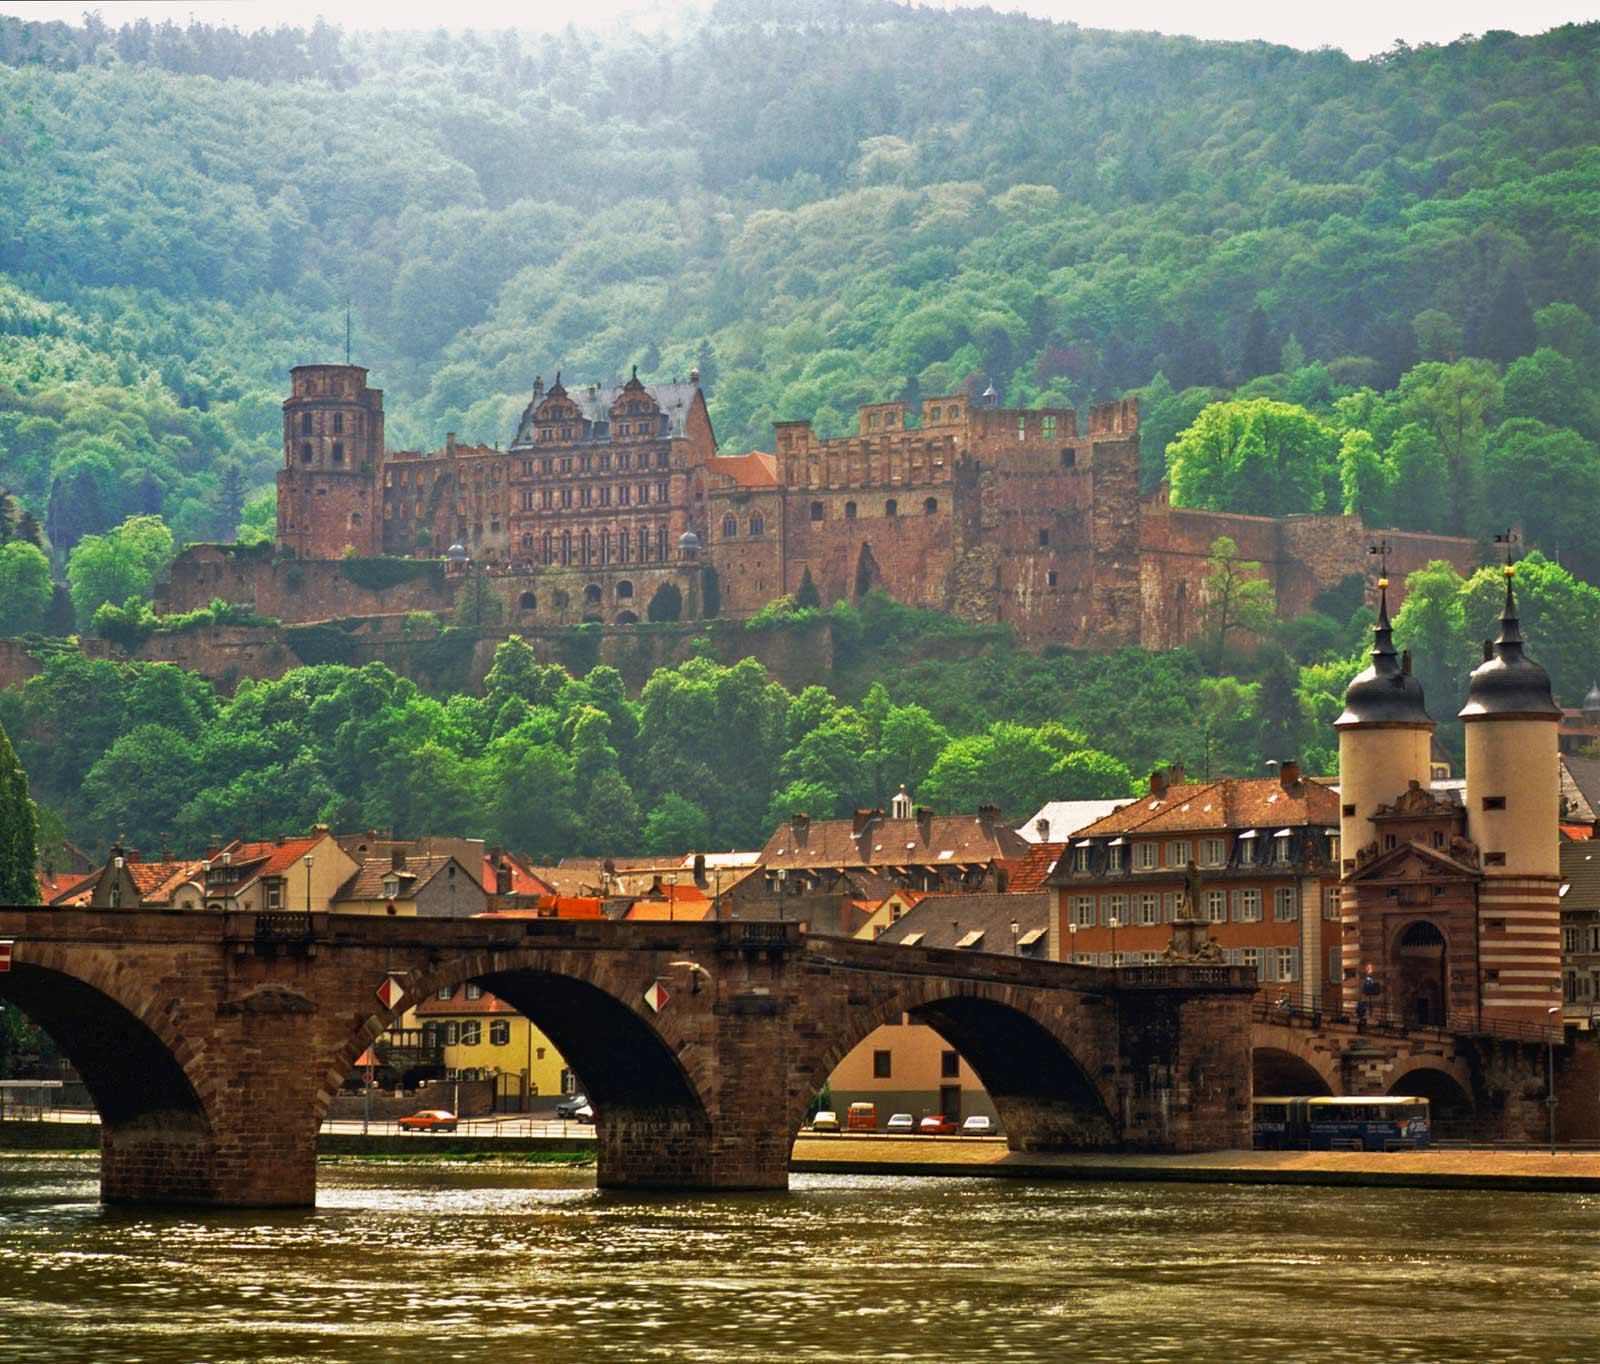 Heidelberger_Schloss_und_Bruecke-1